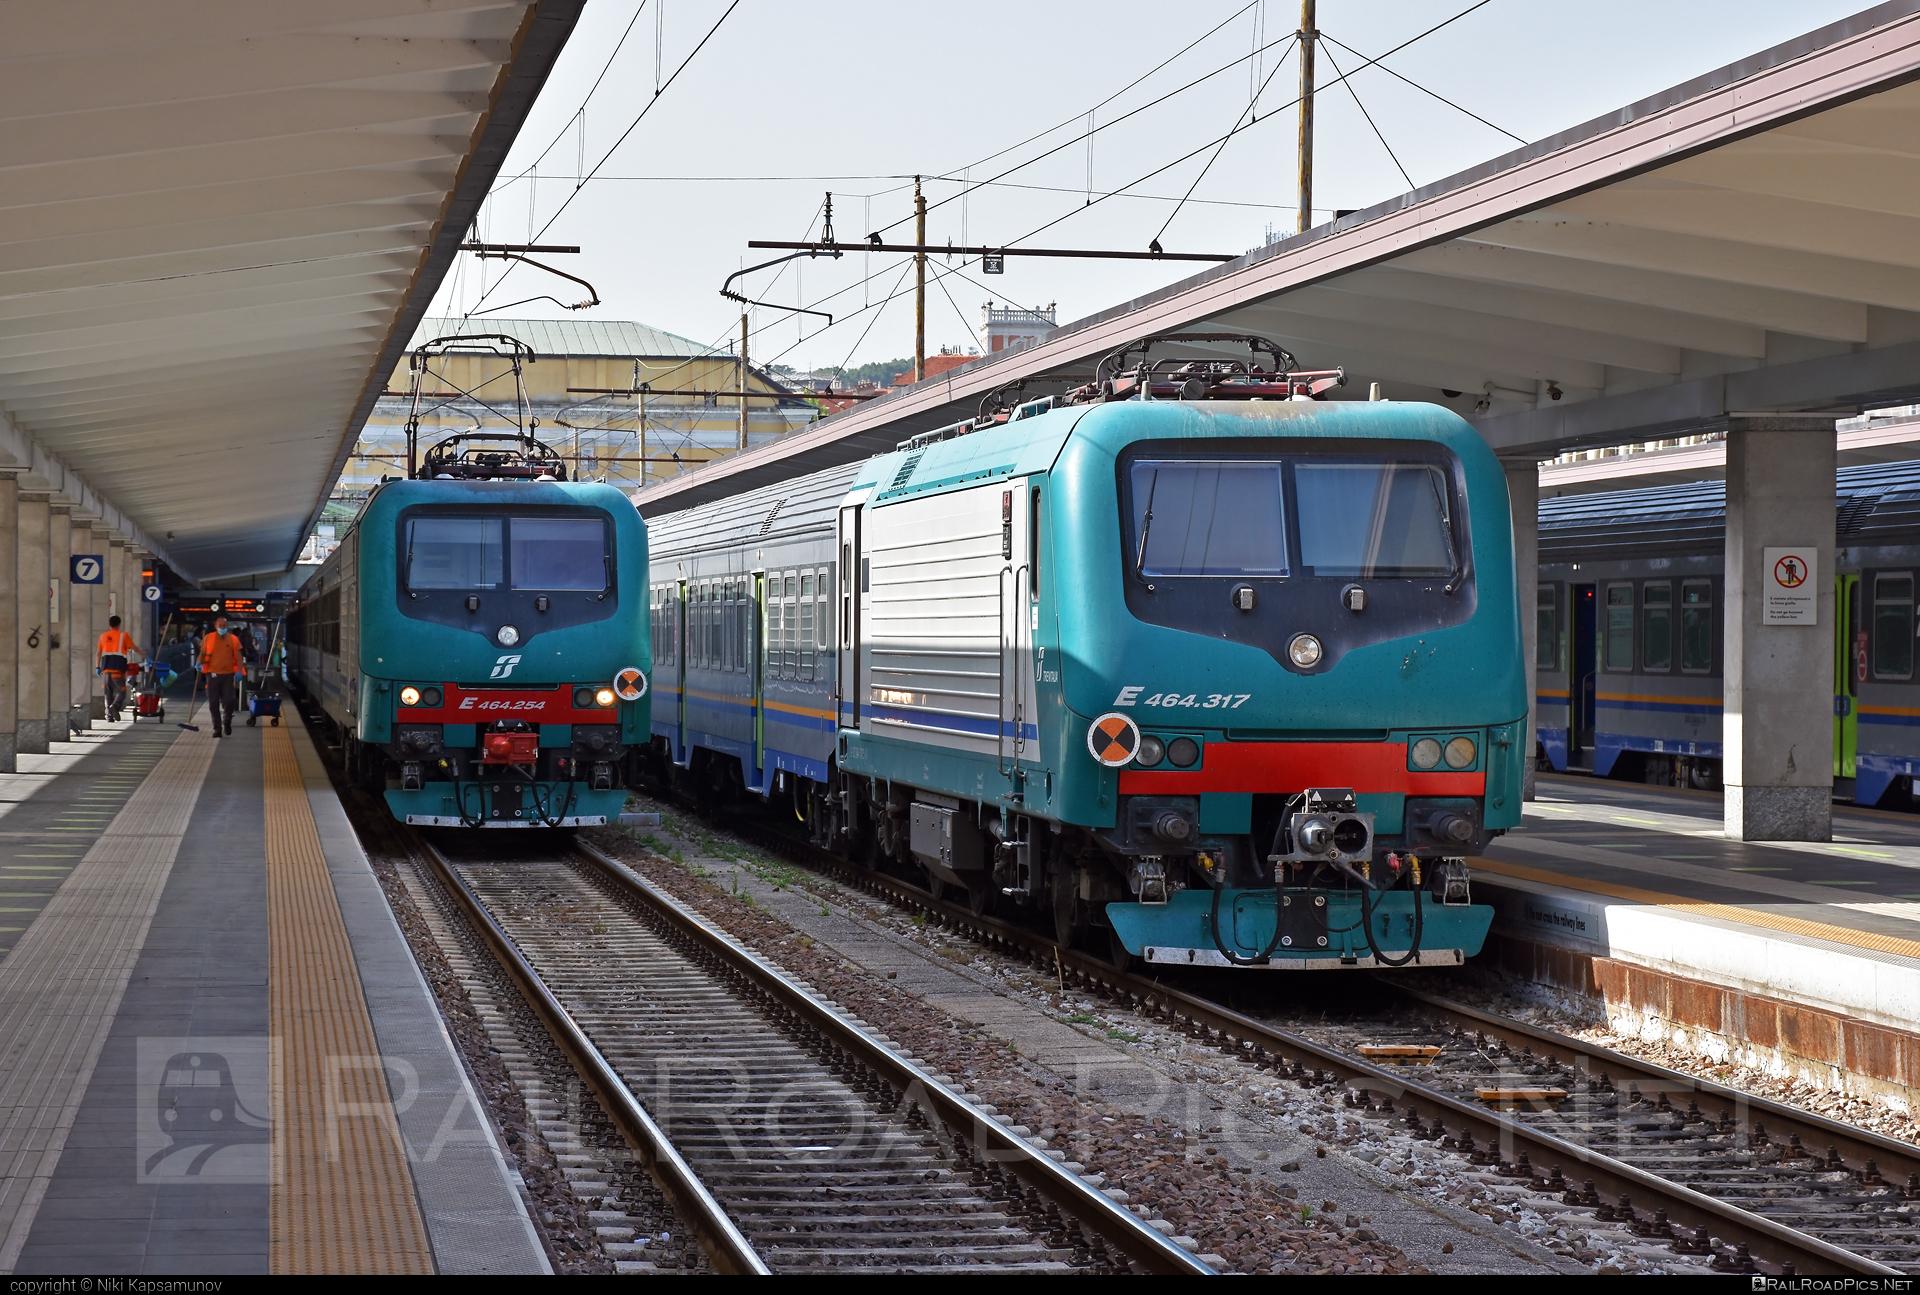 Bombardier TRAXX P160 DCP - E 464.317 operated by Trenitalia S.p.A. #bombardier #bombardiertraxx #ferroviedellostato #fs #fsitaliane #lavatrice #traxx #traxxp160 #traxxp160dcp #trenitalia #trenitaliaspa